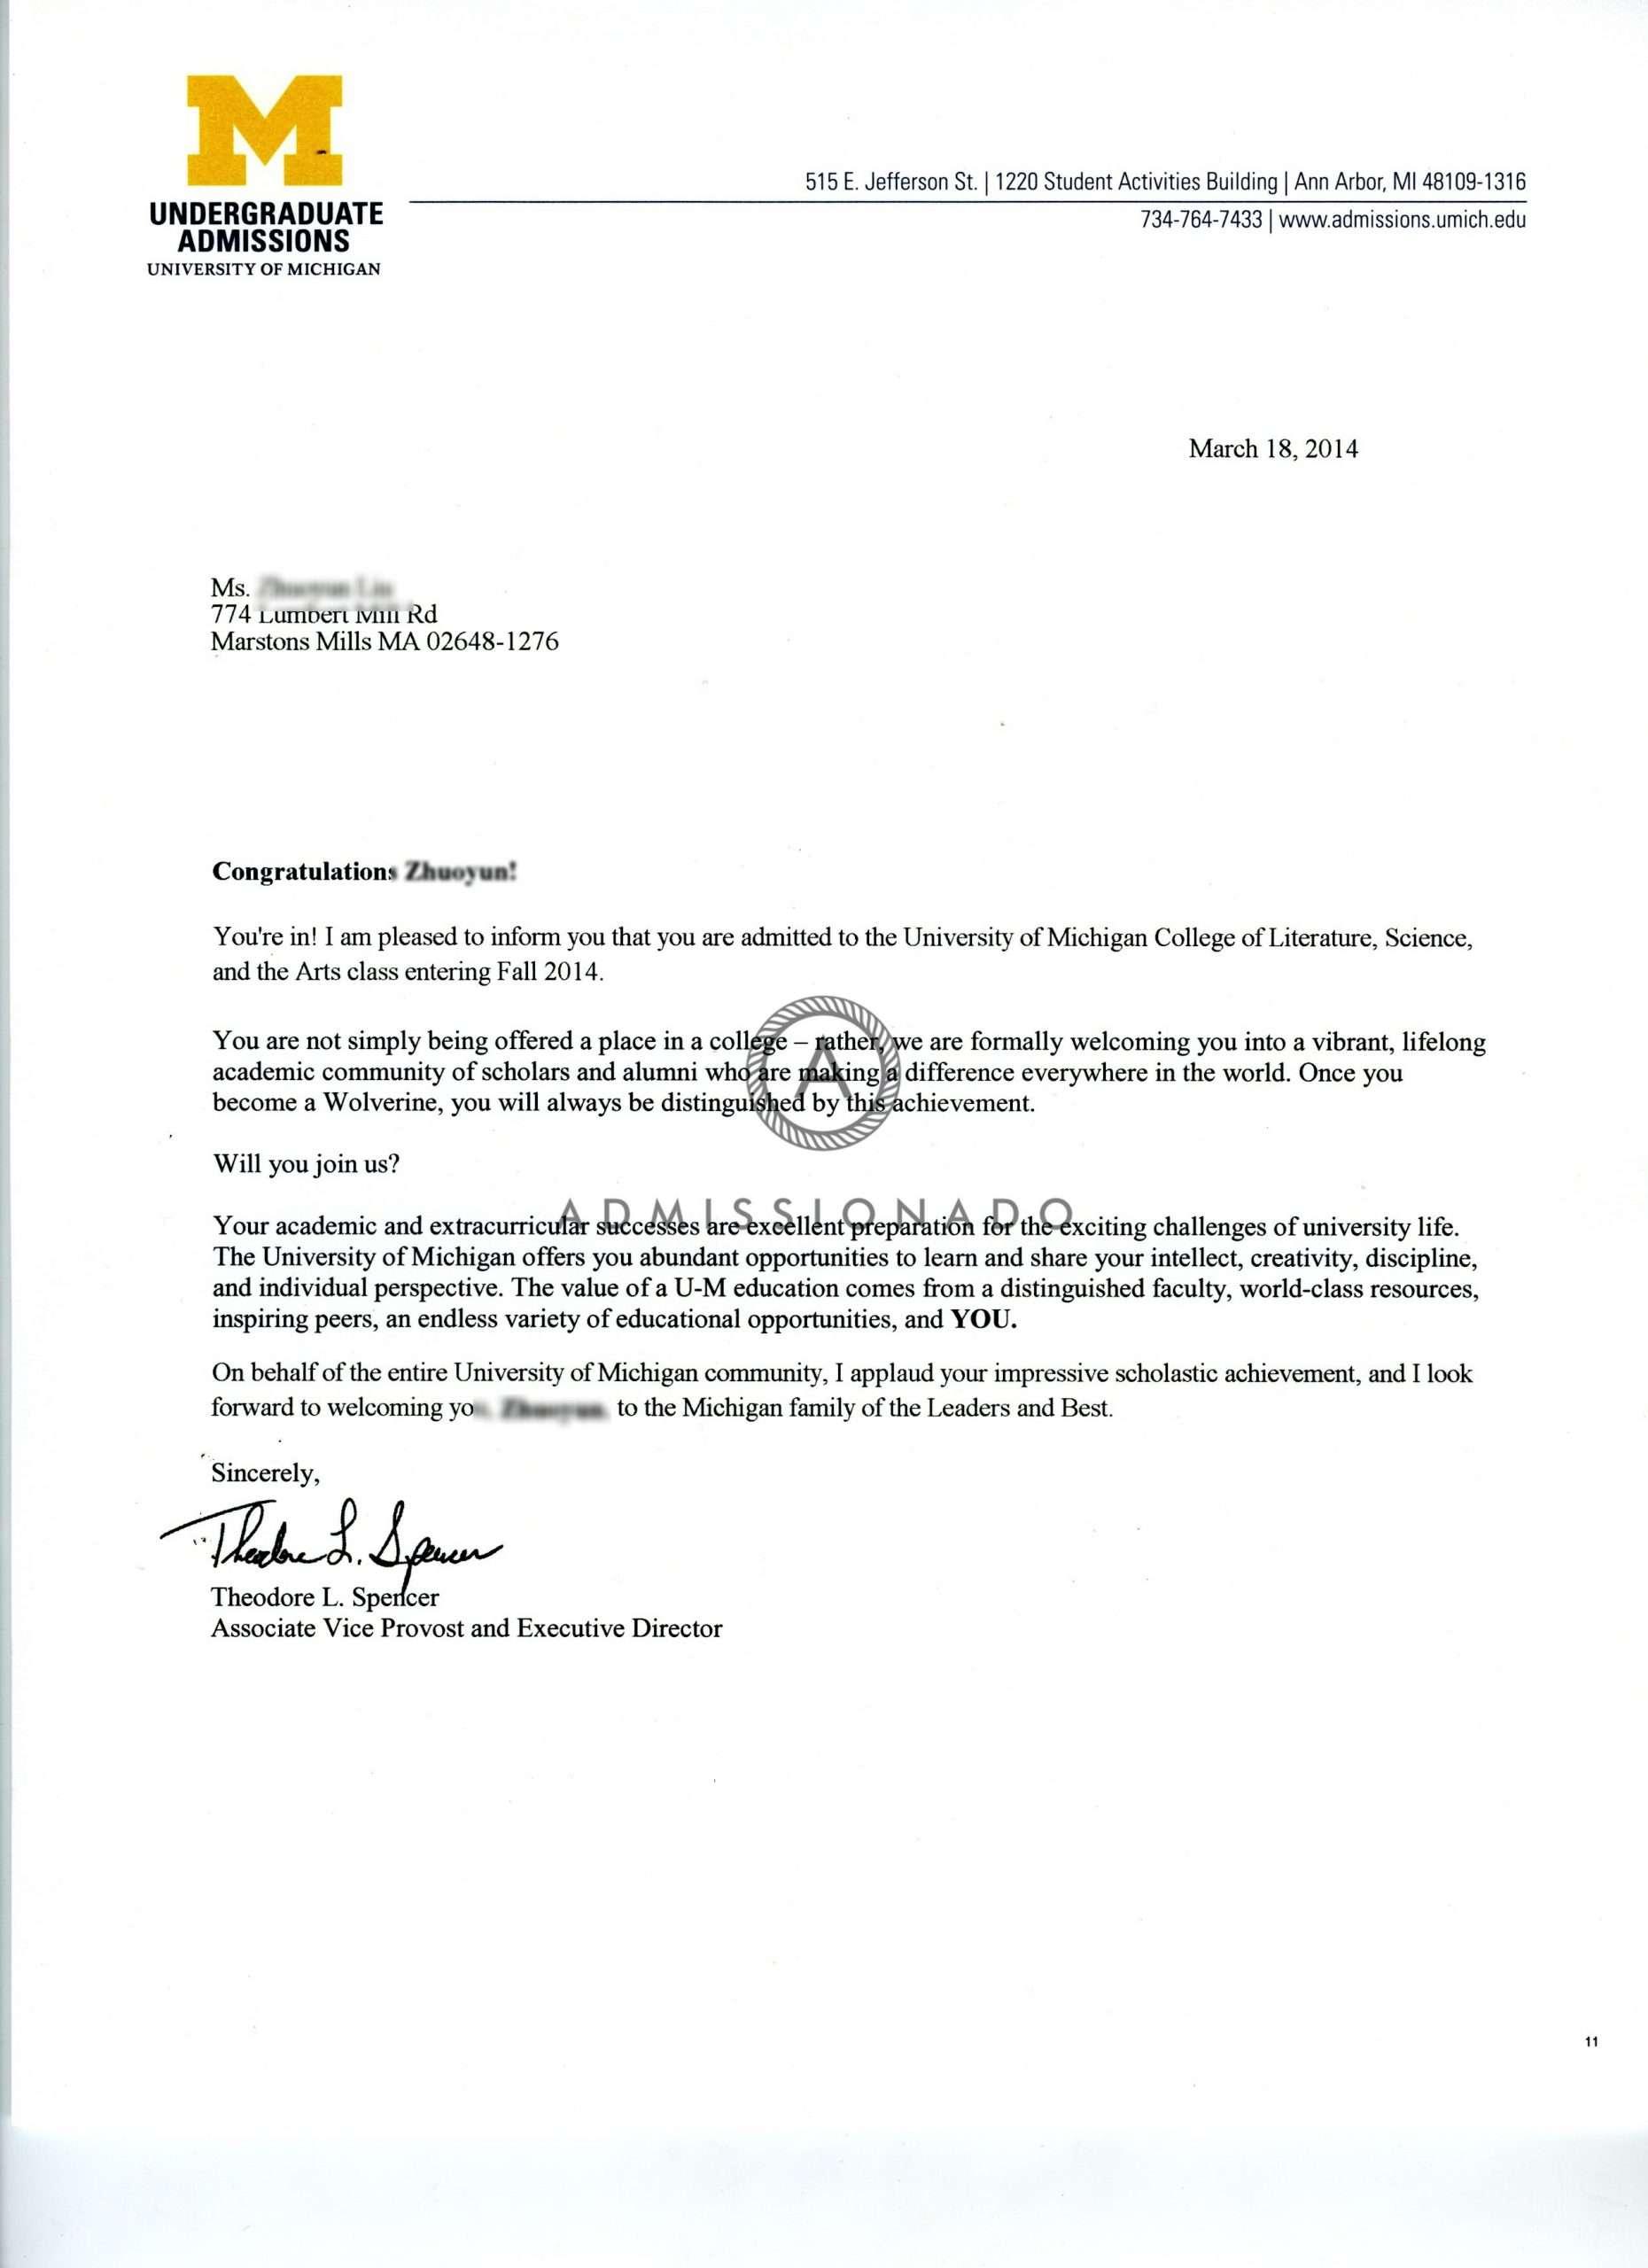 Unv of Michigan acceptane letter